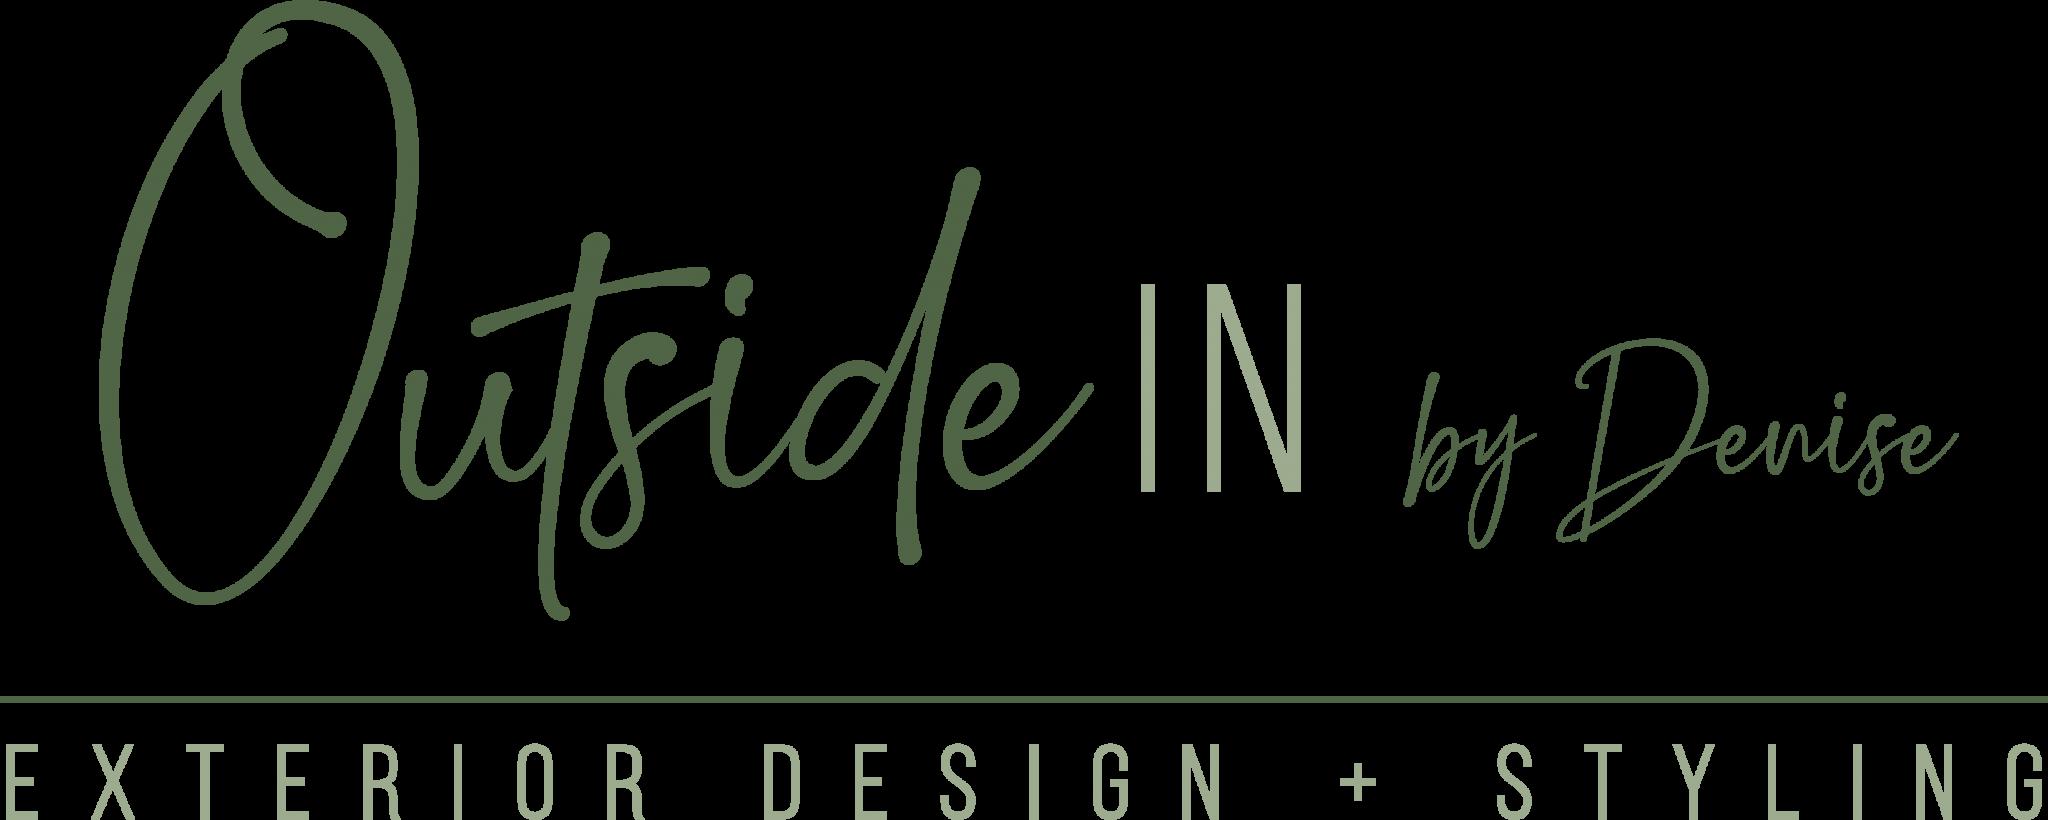 OutsideinbyDenise logo